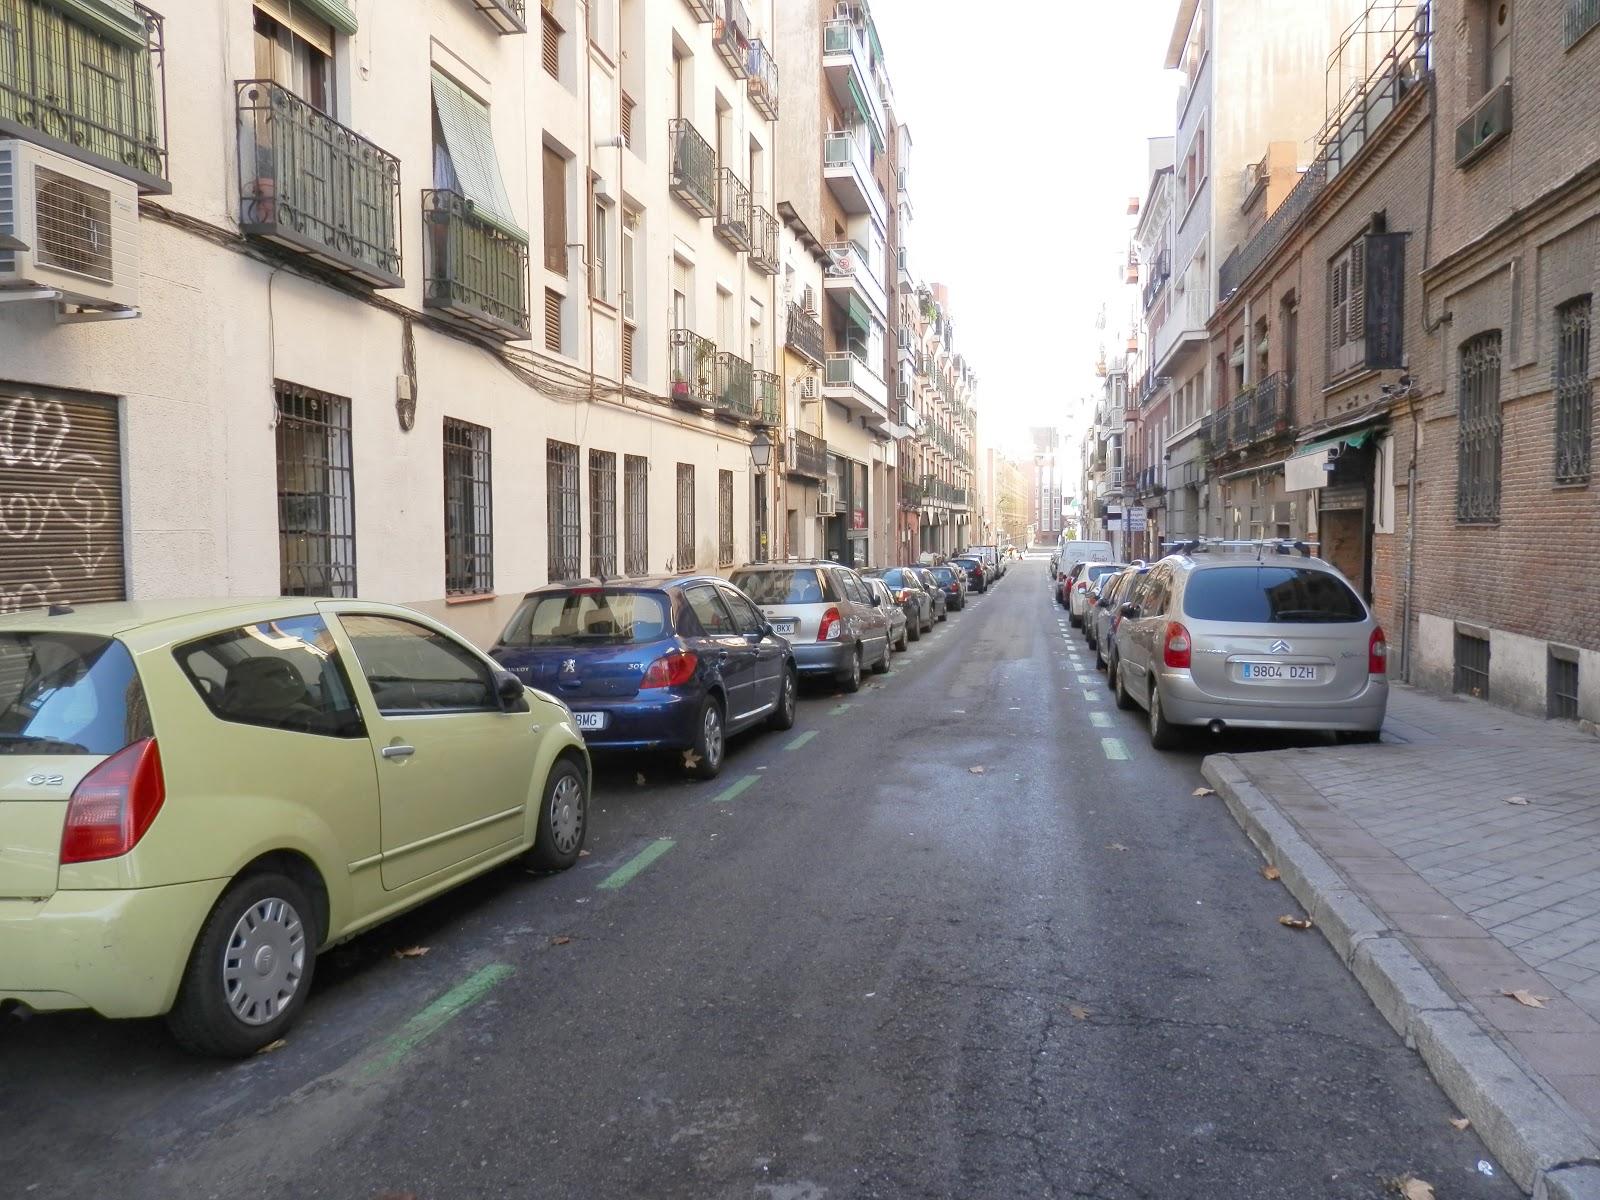 Calles de Munchen en Múnich: 1 opiniones y 2 fotos  Calle Ciudad Del Este